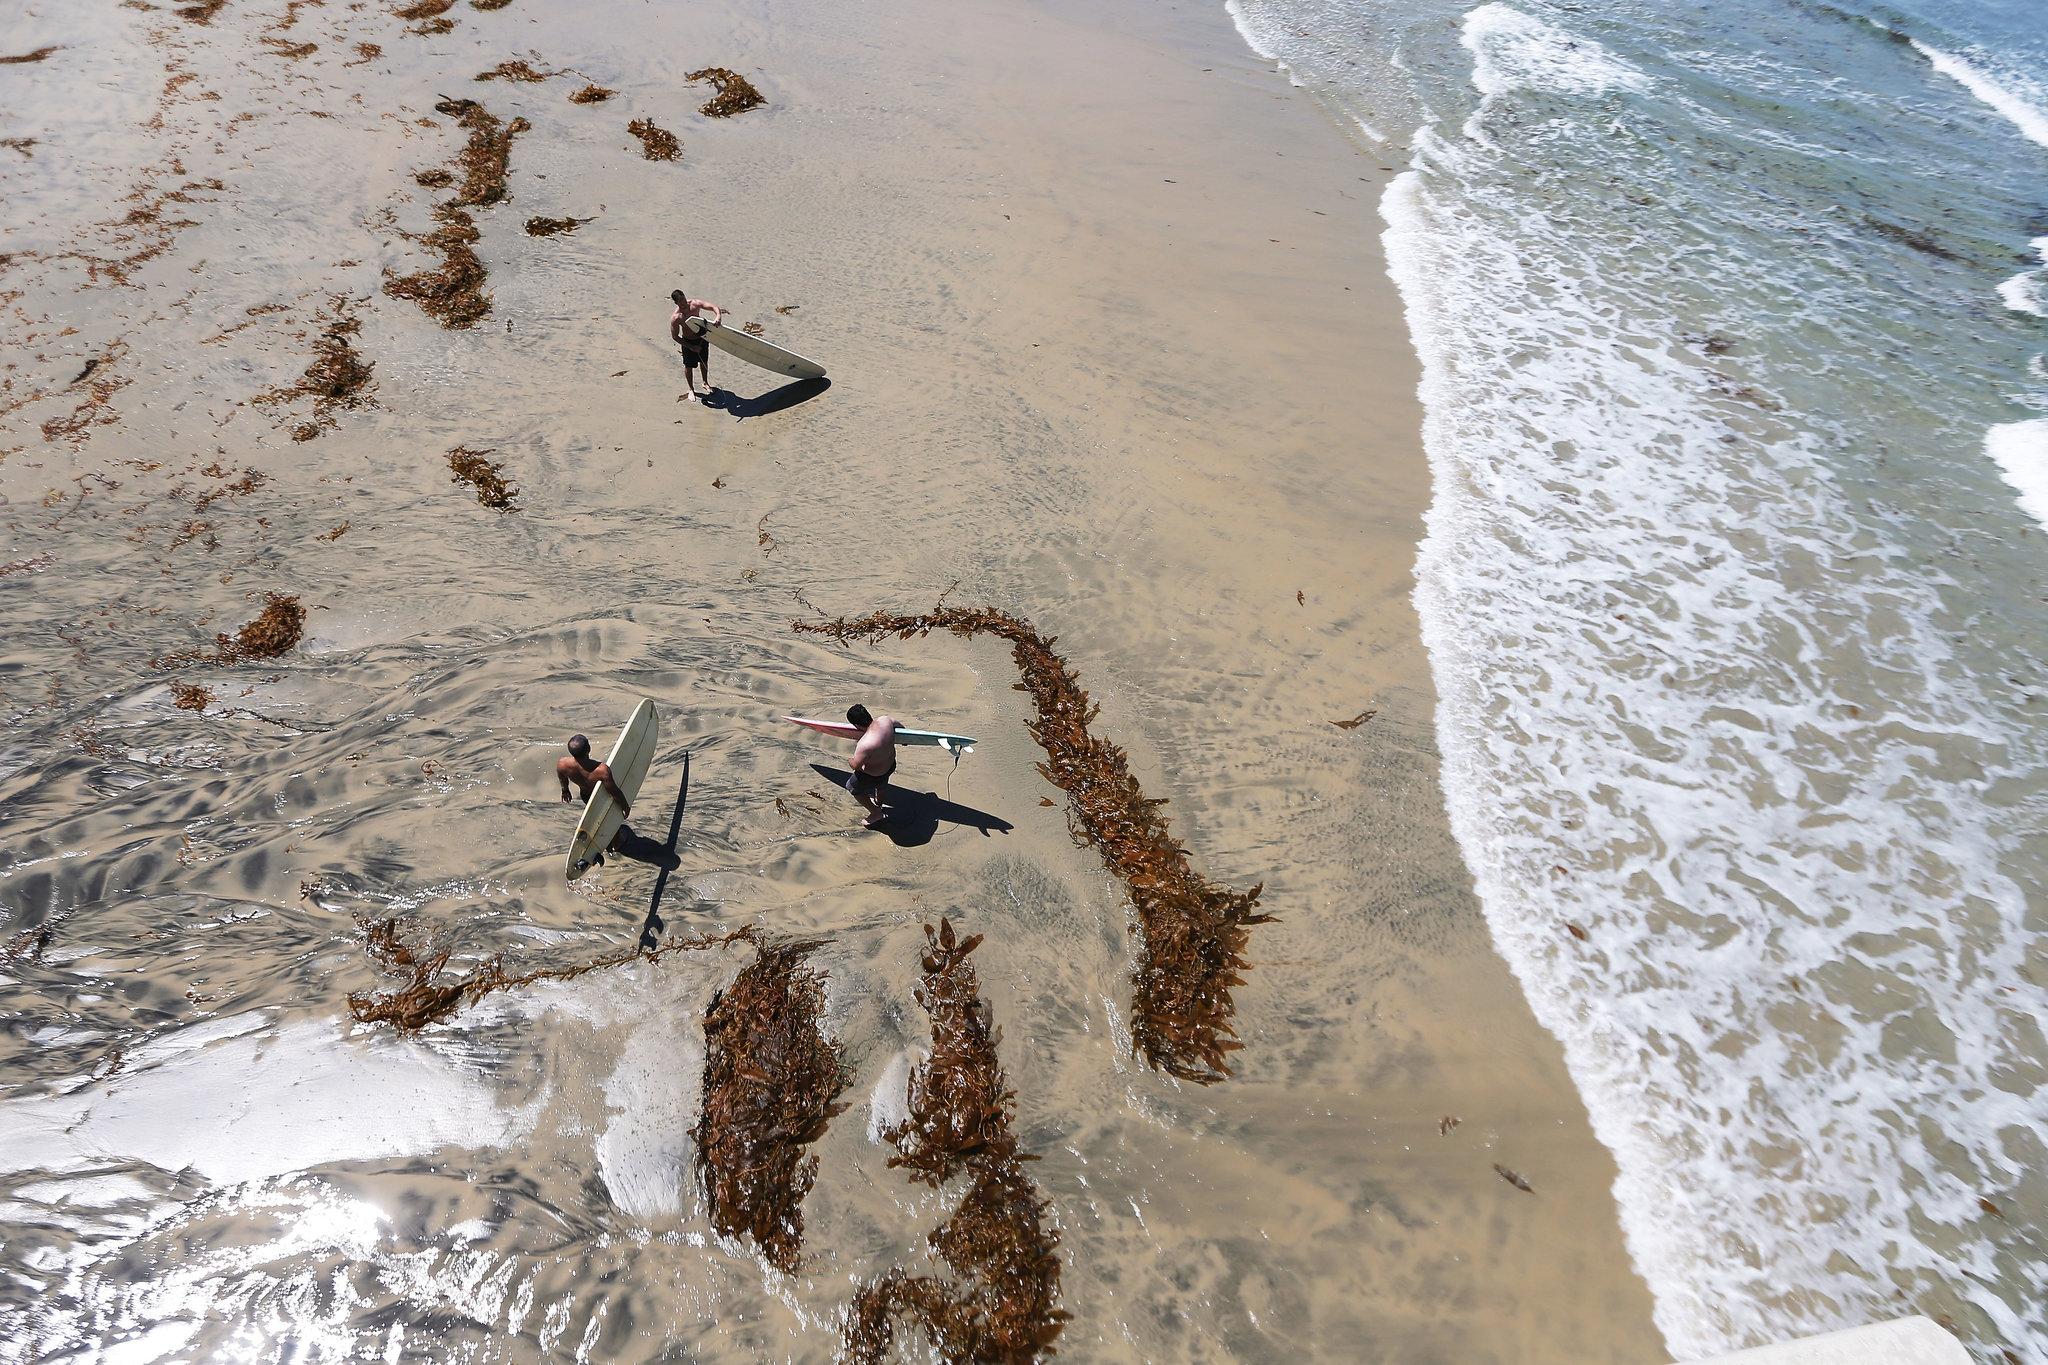 Водоросли вымыло на берег у пирса Скриппс в Сан-Диего, где температура поверхности моря достигла рекордно высокого уровня в августе 2018 года / NY Times